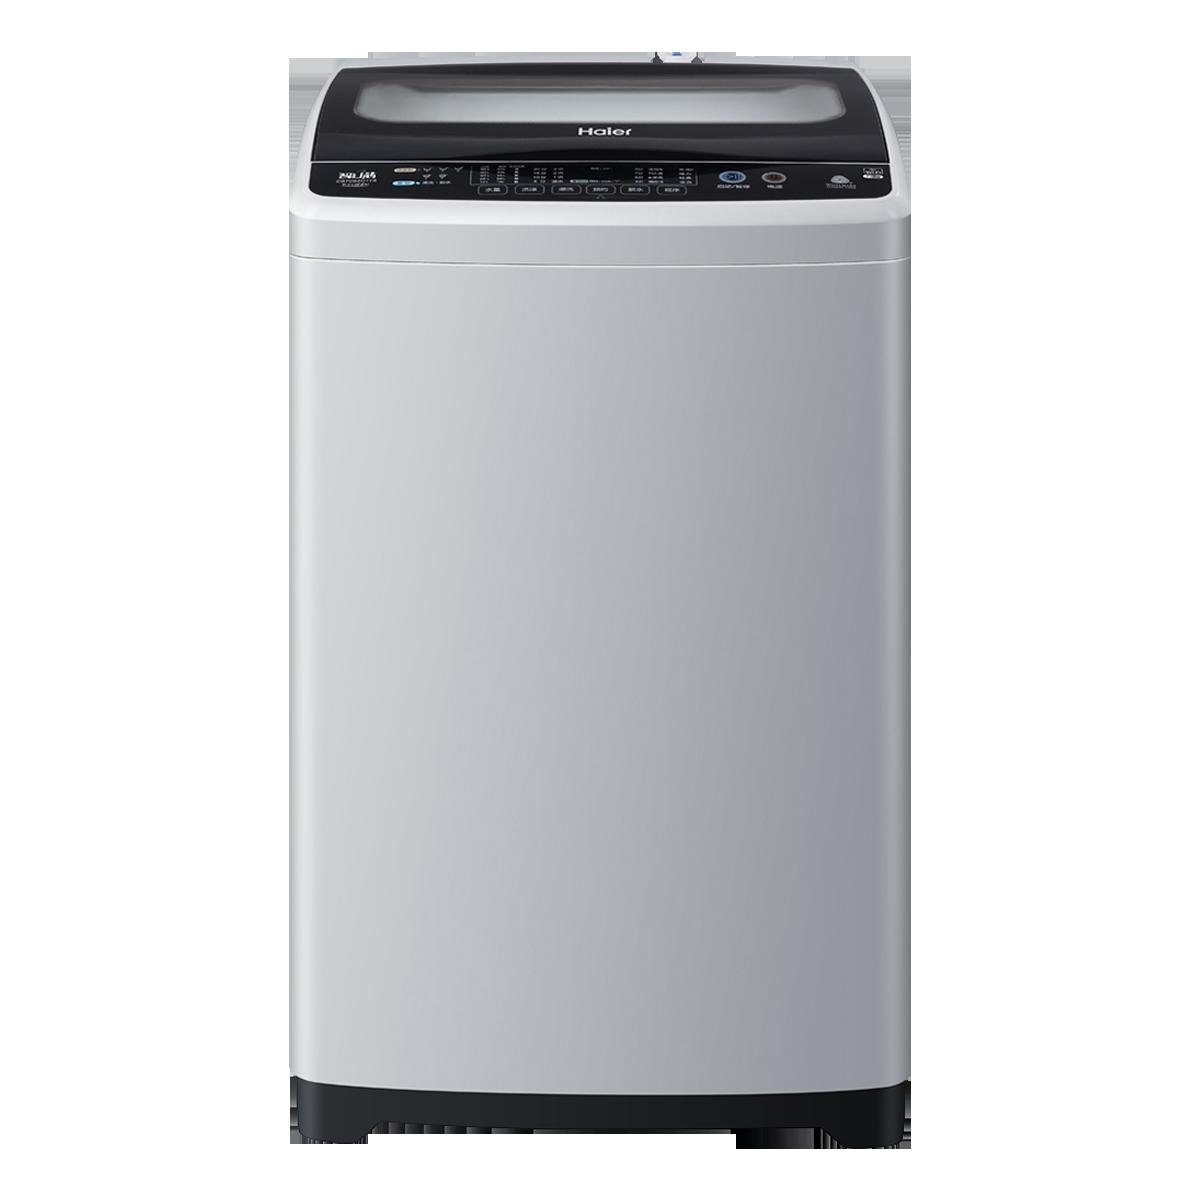 海尔Haier洗衣机 EB70BZU11S 说明书